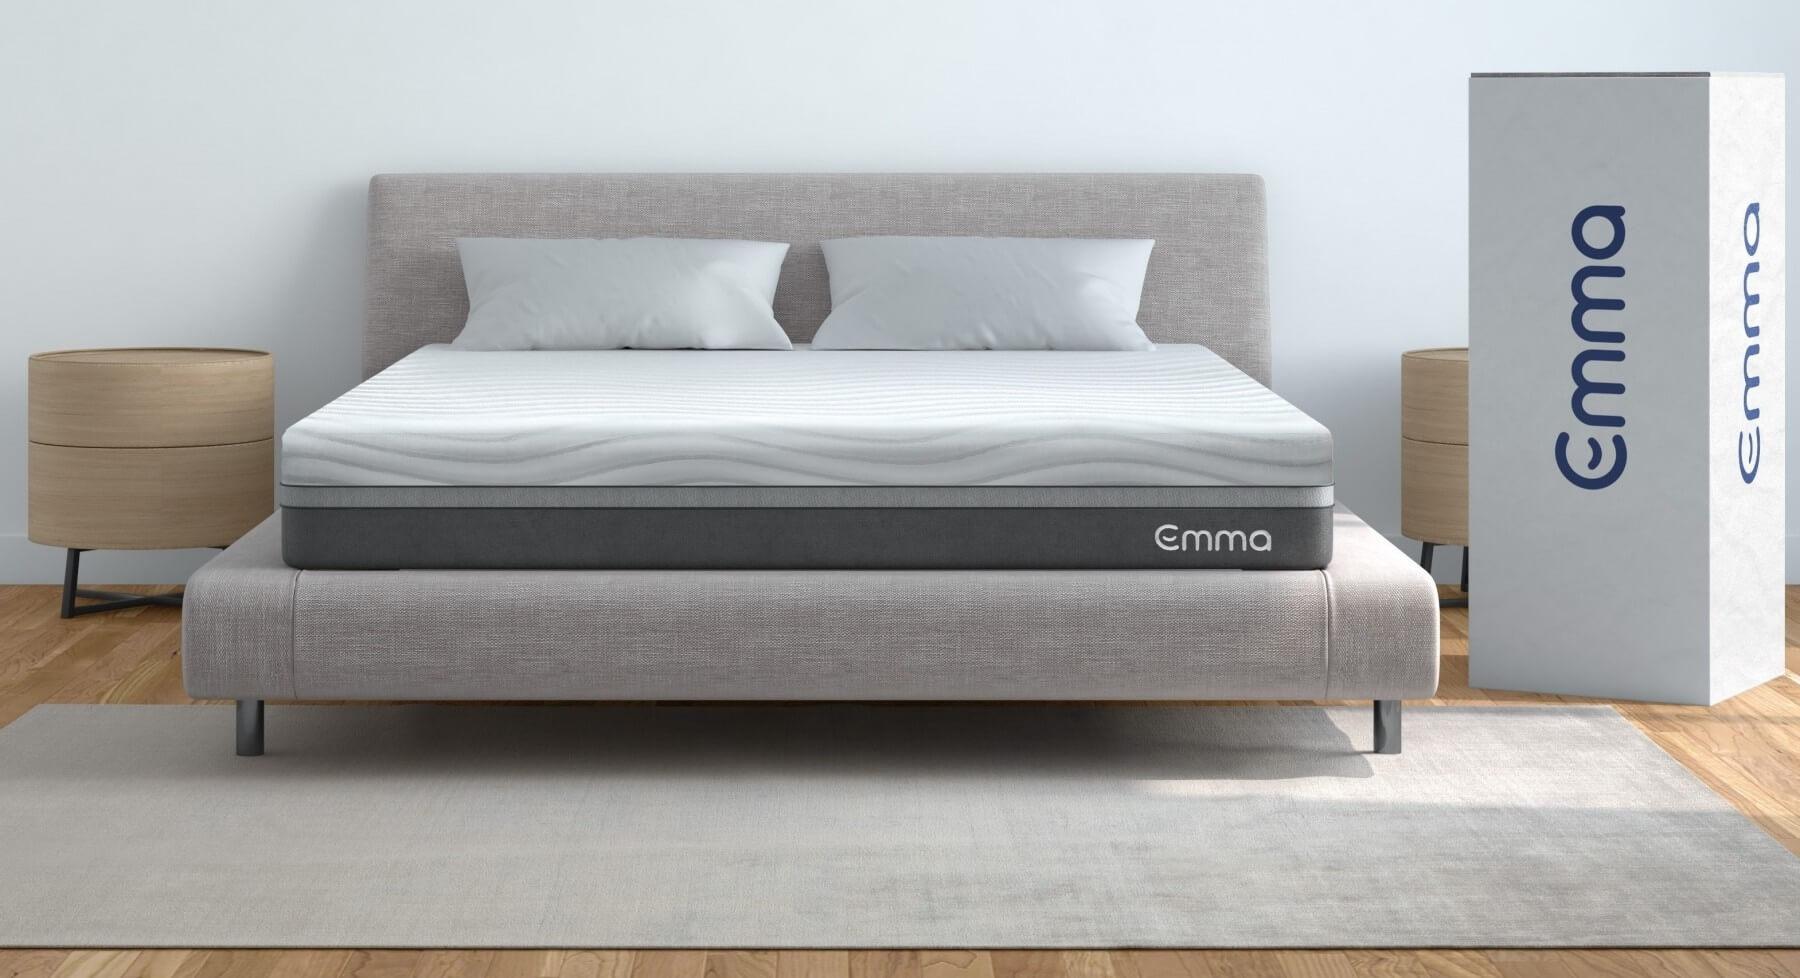 Emma Sleep Review Nz Best Mattress In A Box 2021